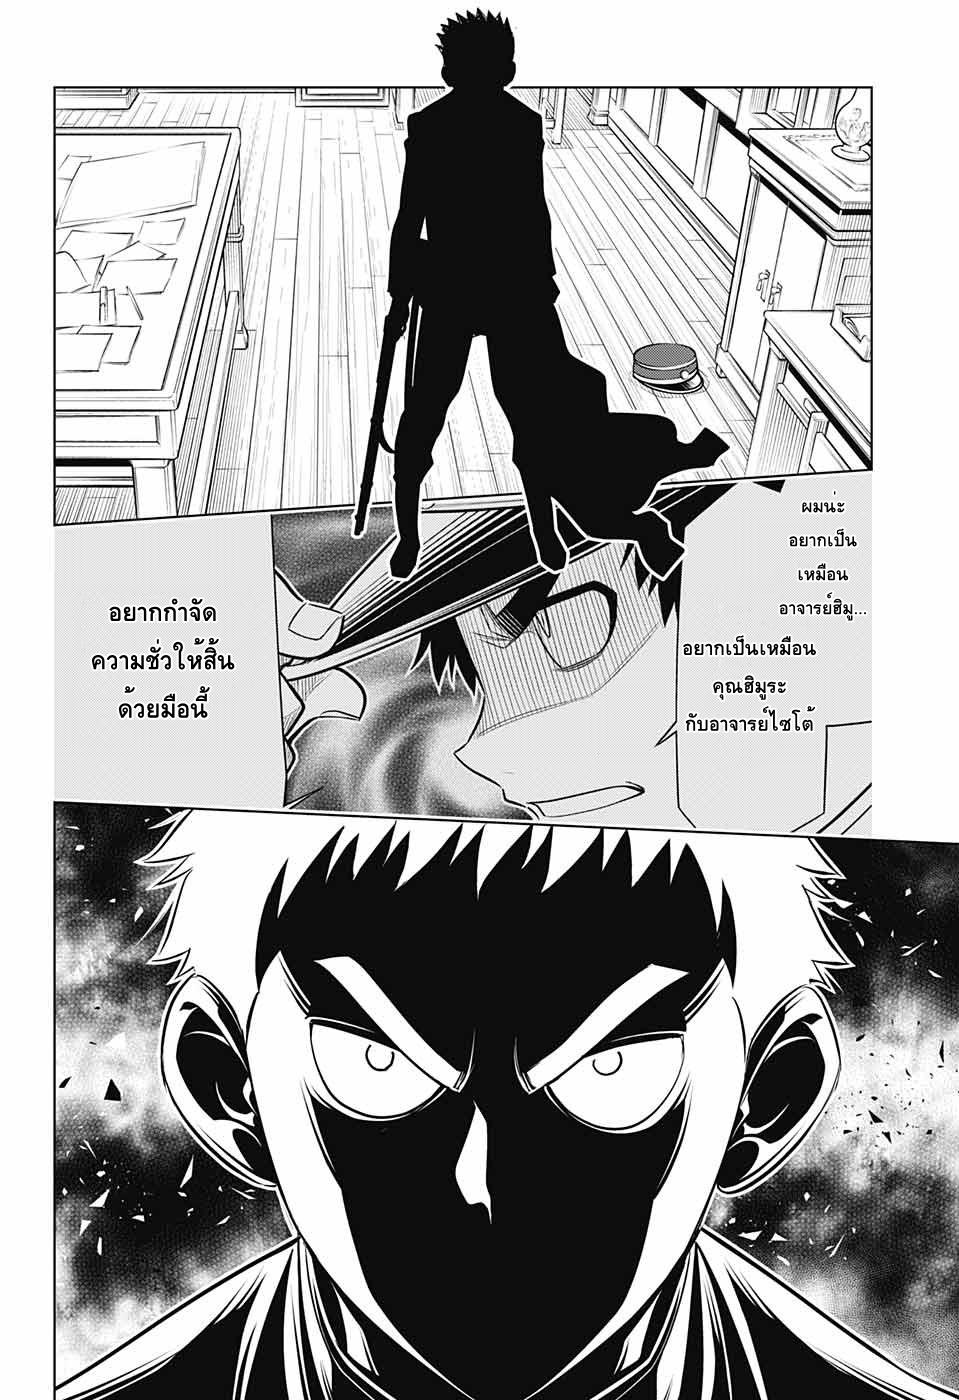 อ่านการ์ตูน Rurouni Kenshin: Hokkaido Arc ตอนที่ 16 หน้าที่ 22